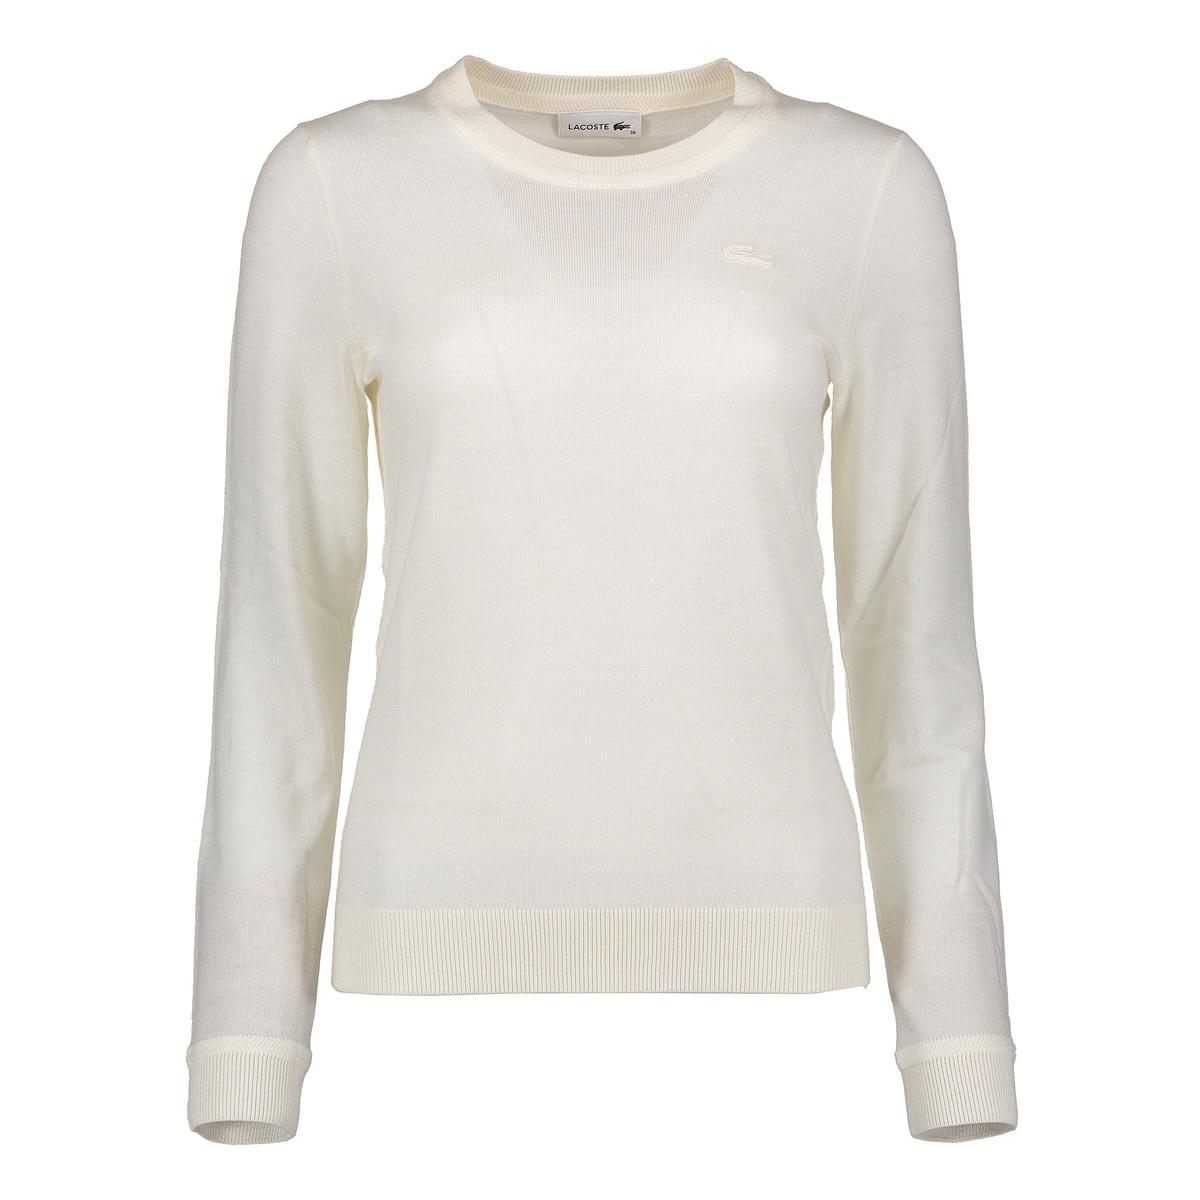 Maglione girocollo in lana donna